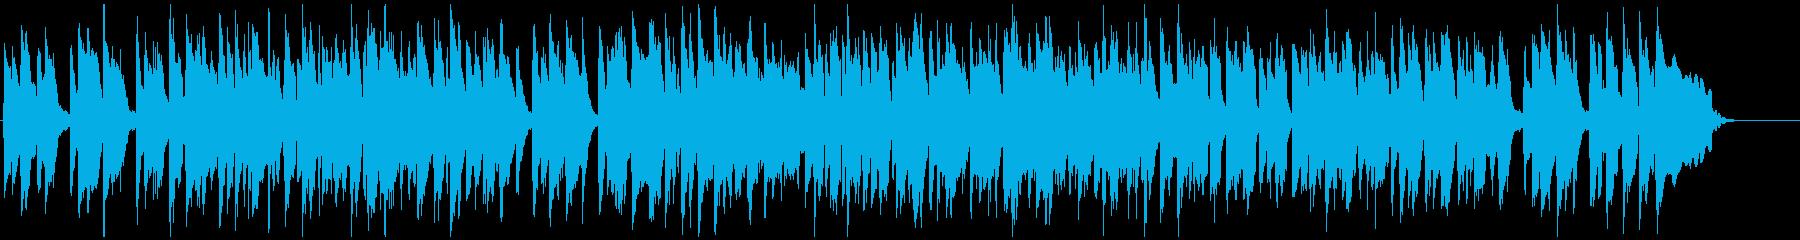 すっとぼけファンキーなリコーダー、ギャグの再生済みの波形